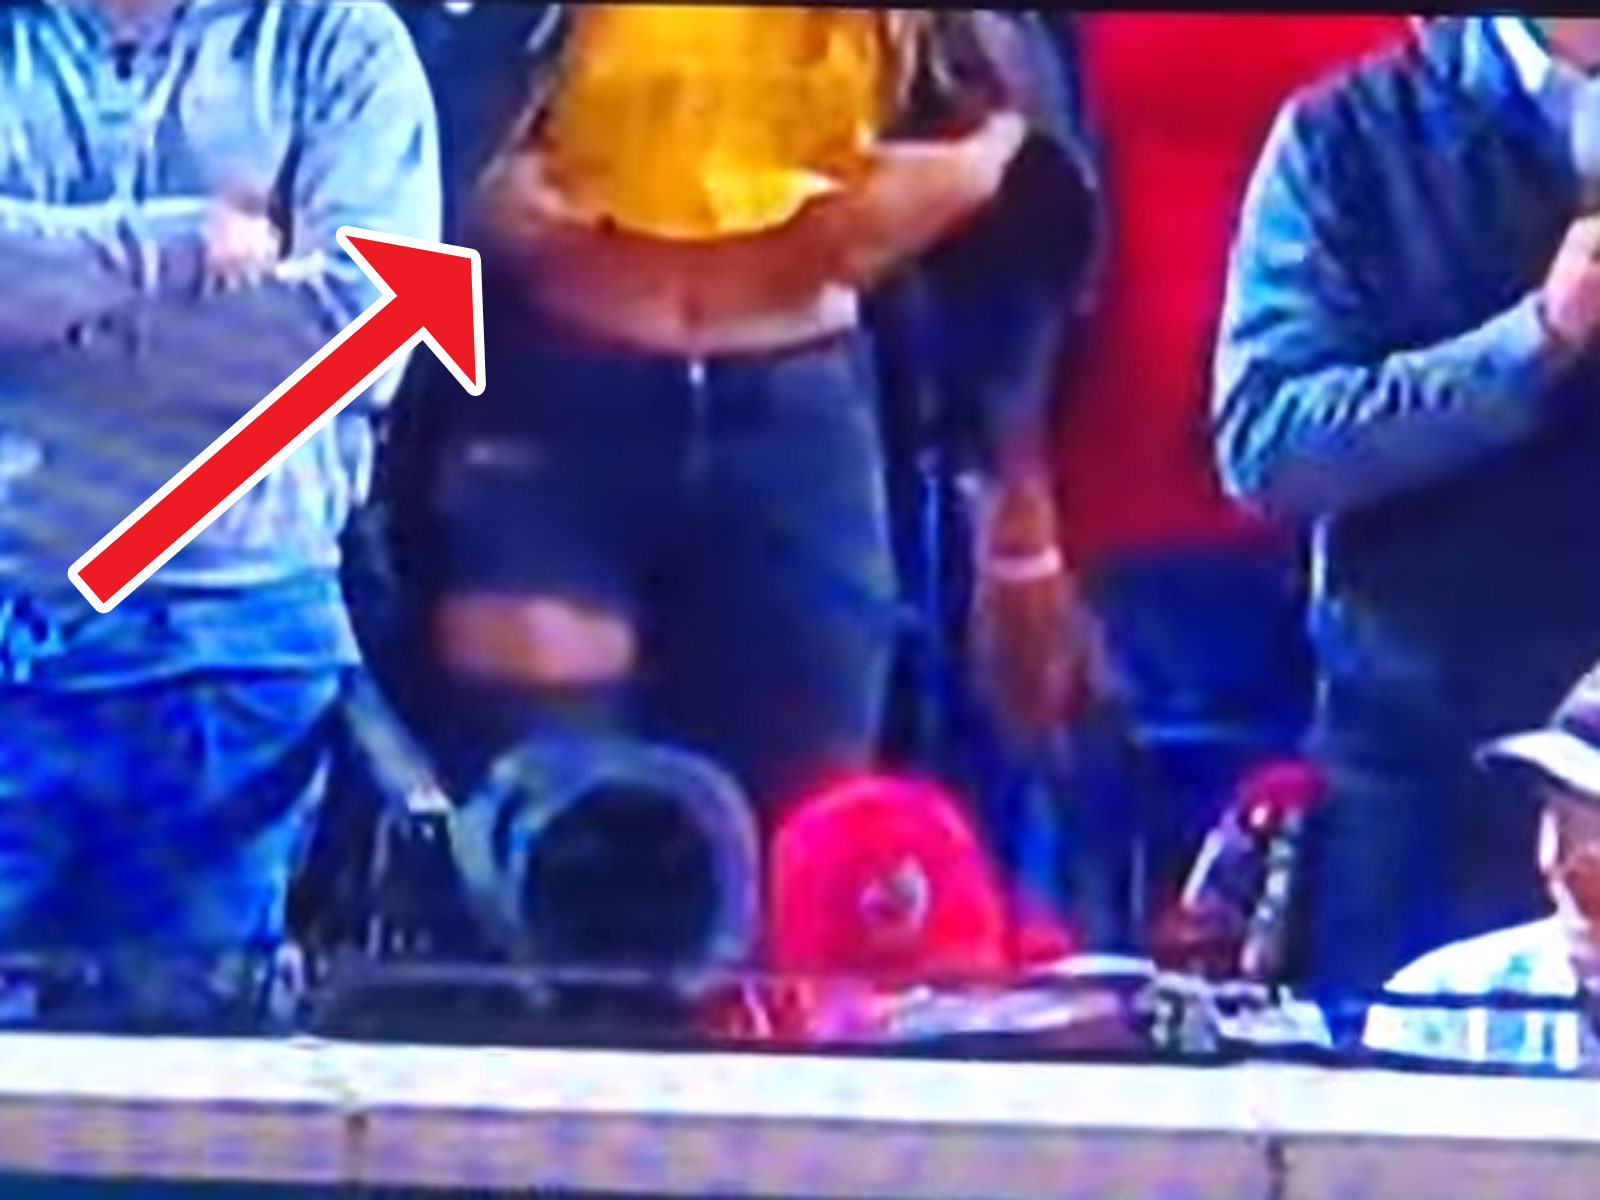 Die beiden Stadion-Besucherinnen wollten eigentlich auf ein ernstes Thema aufmerksam machen. Ein Video, in dem die Köpfe übrigens auch nicht zu sehen sind, aber die ganze Szene,  finden Sie hier .